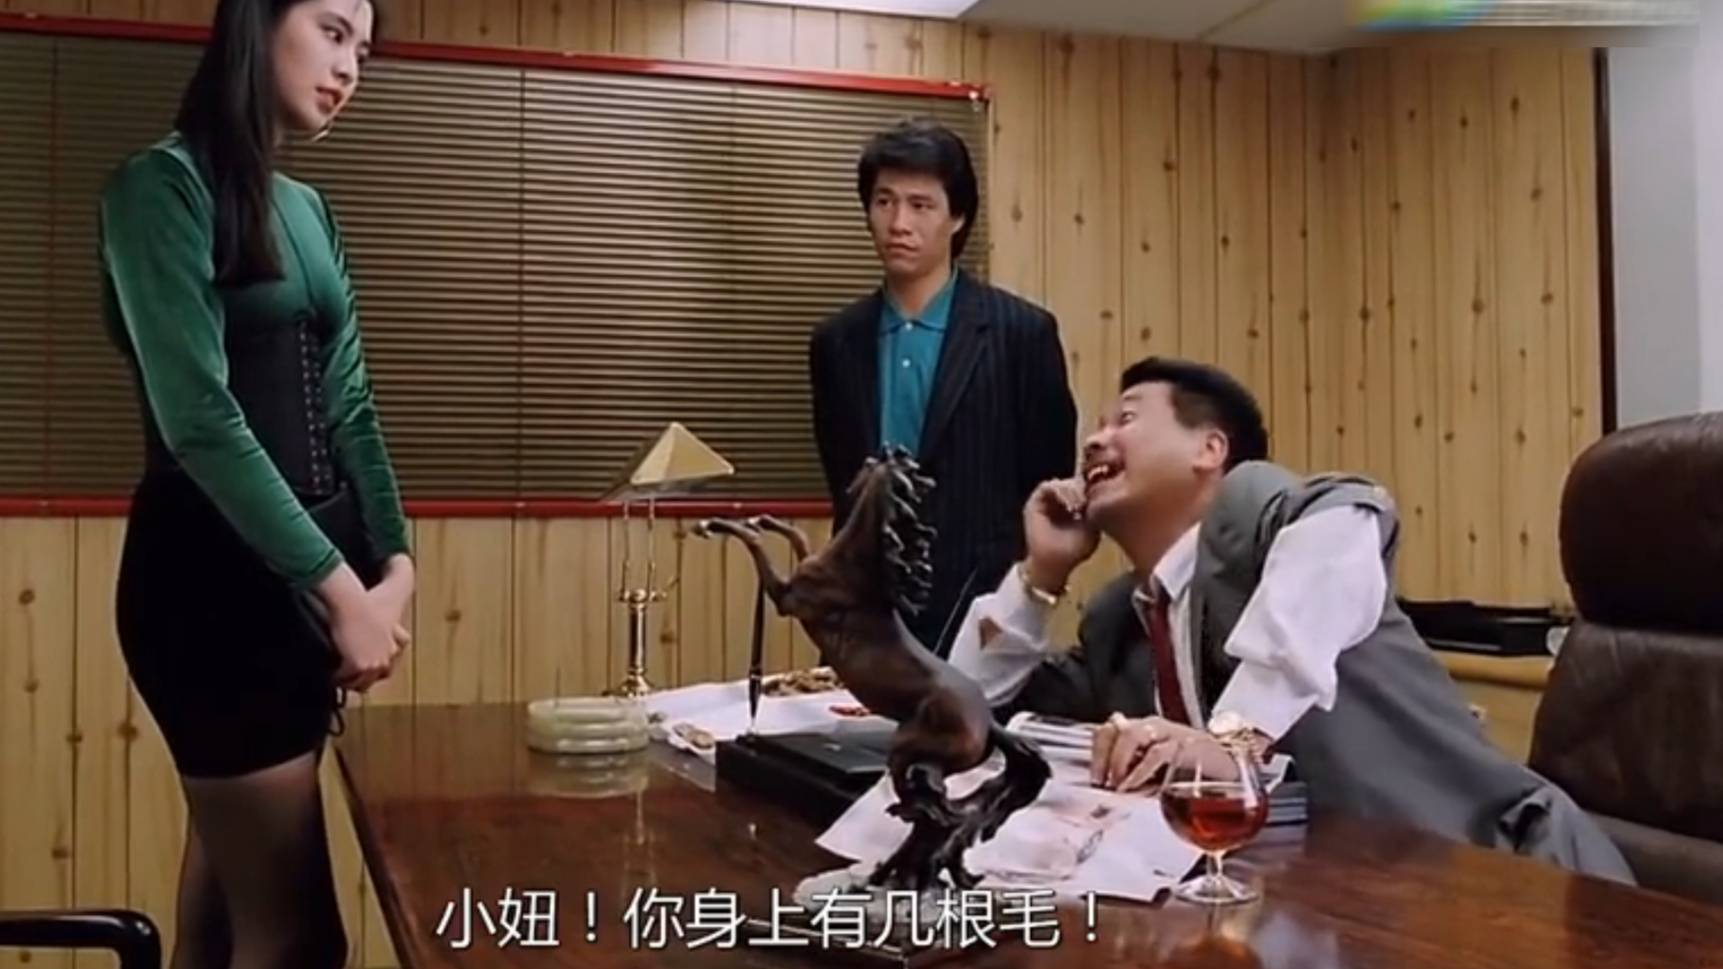 王祖贤这黑丝这身材你不馋吗